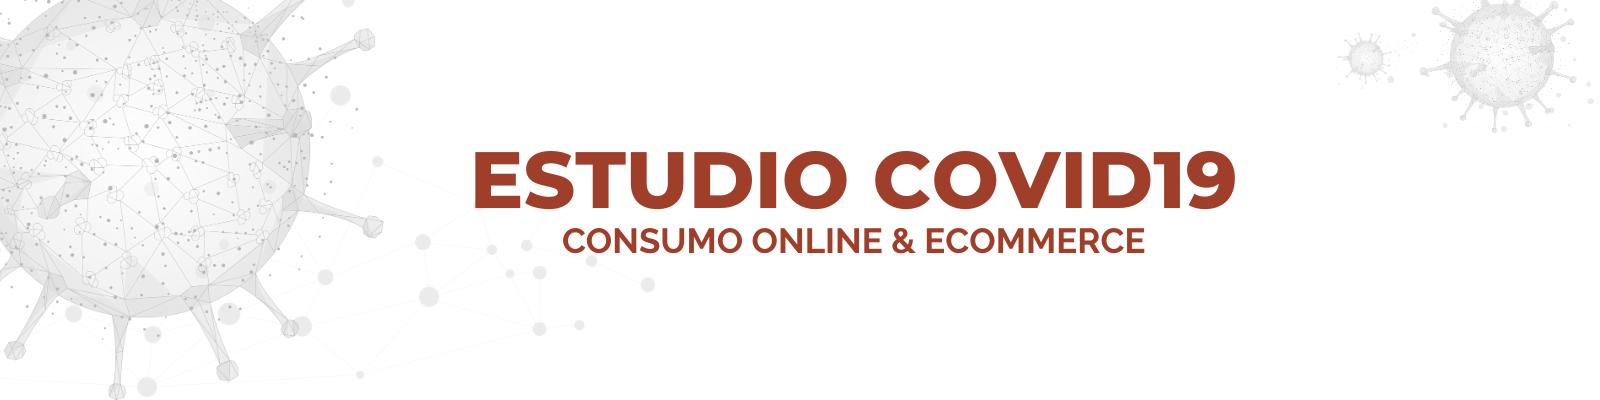 Estudio Covid19 Consumo Online & eCommerce